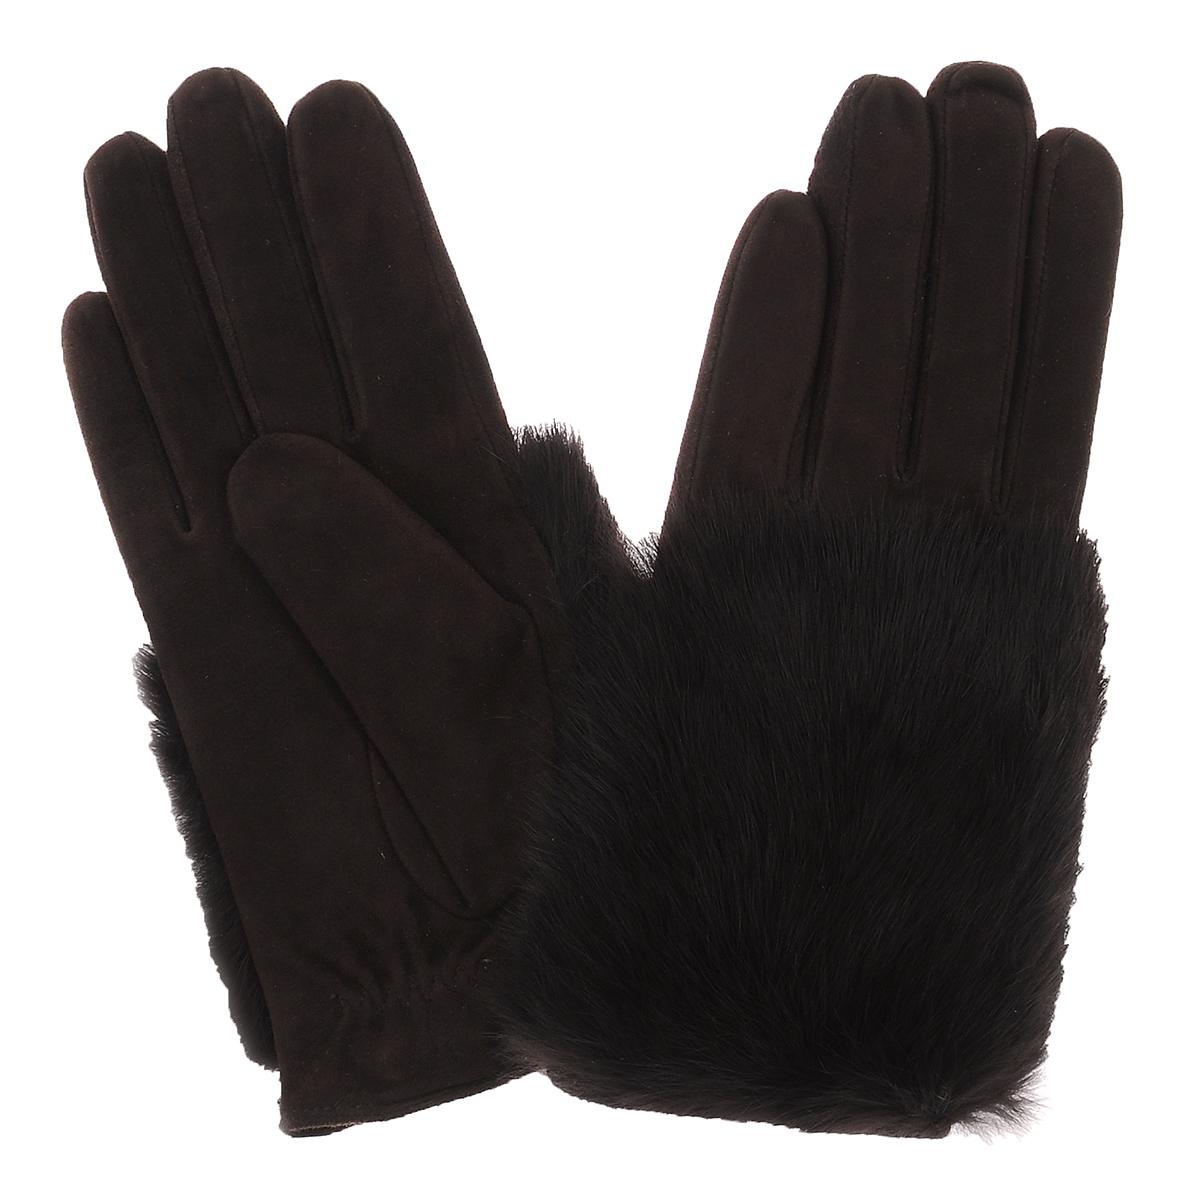 Перчатки женские. S11_EPURES11_EPURE/BRСтильные перчатки Dali Exclusive с шерстяной подкладкой выполнены из мягкой и приятной на ощупь натуральной замши. Лицевая сторона оформлена натуральным кроличьим мехом. Такие перчатки подчеркнут ваш стиль и неповторимость.